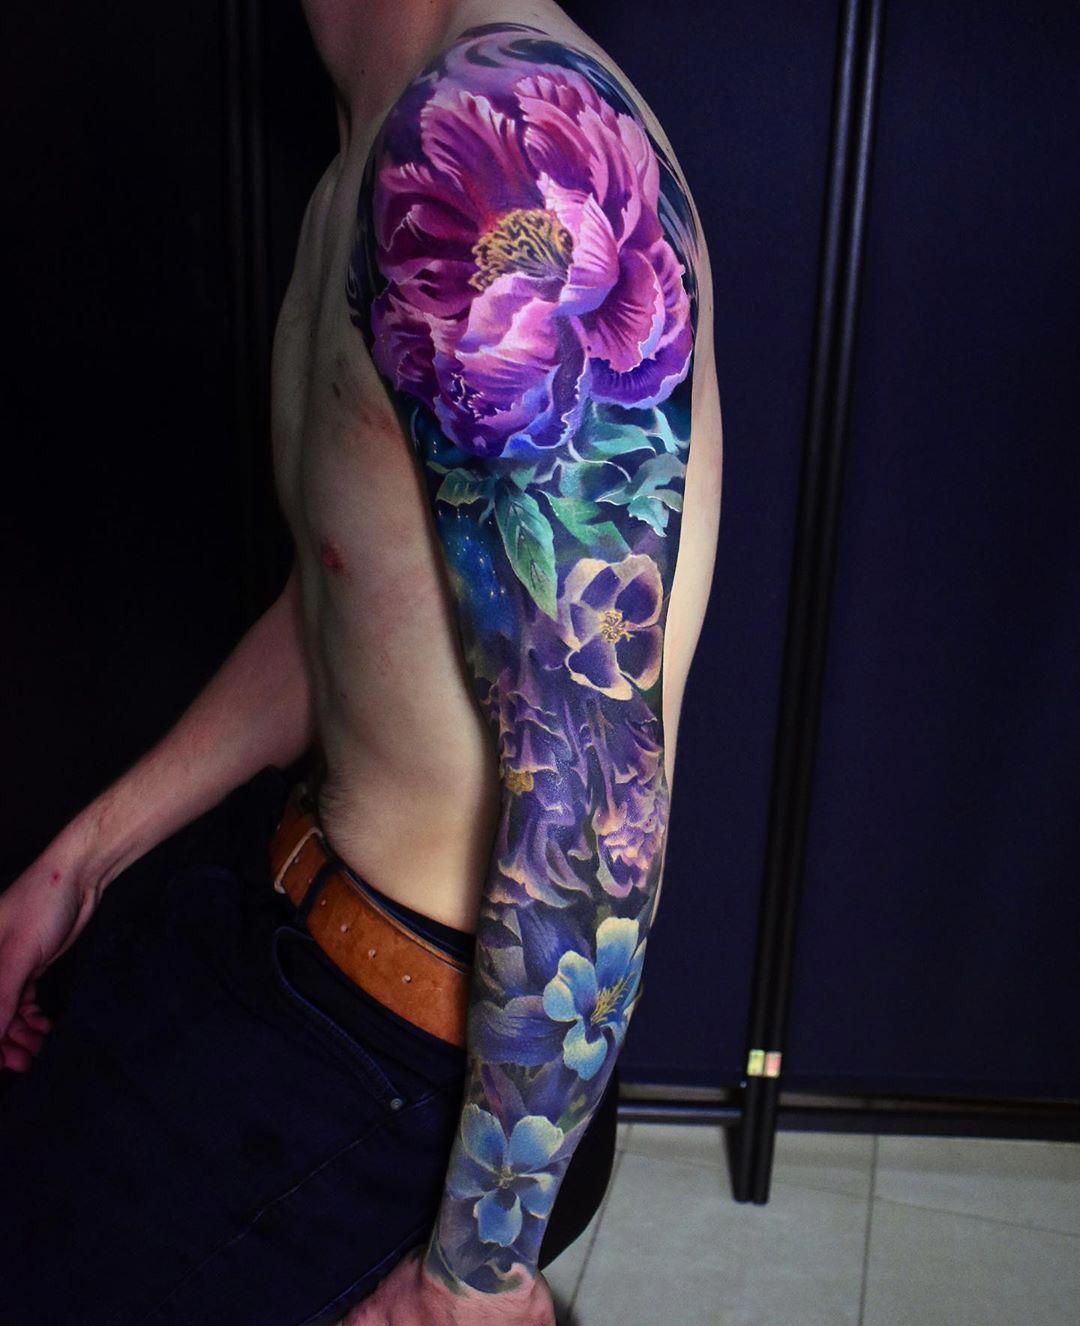 Color Realismo Brazo Tatuaje #realismtattoo #colourtattoo #skingiants #tatuador #tattoolove  Galantería De La Manga